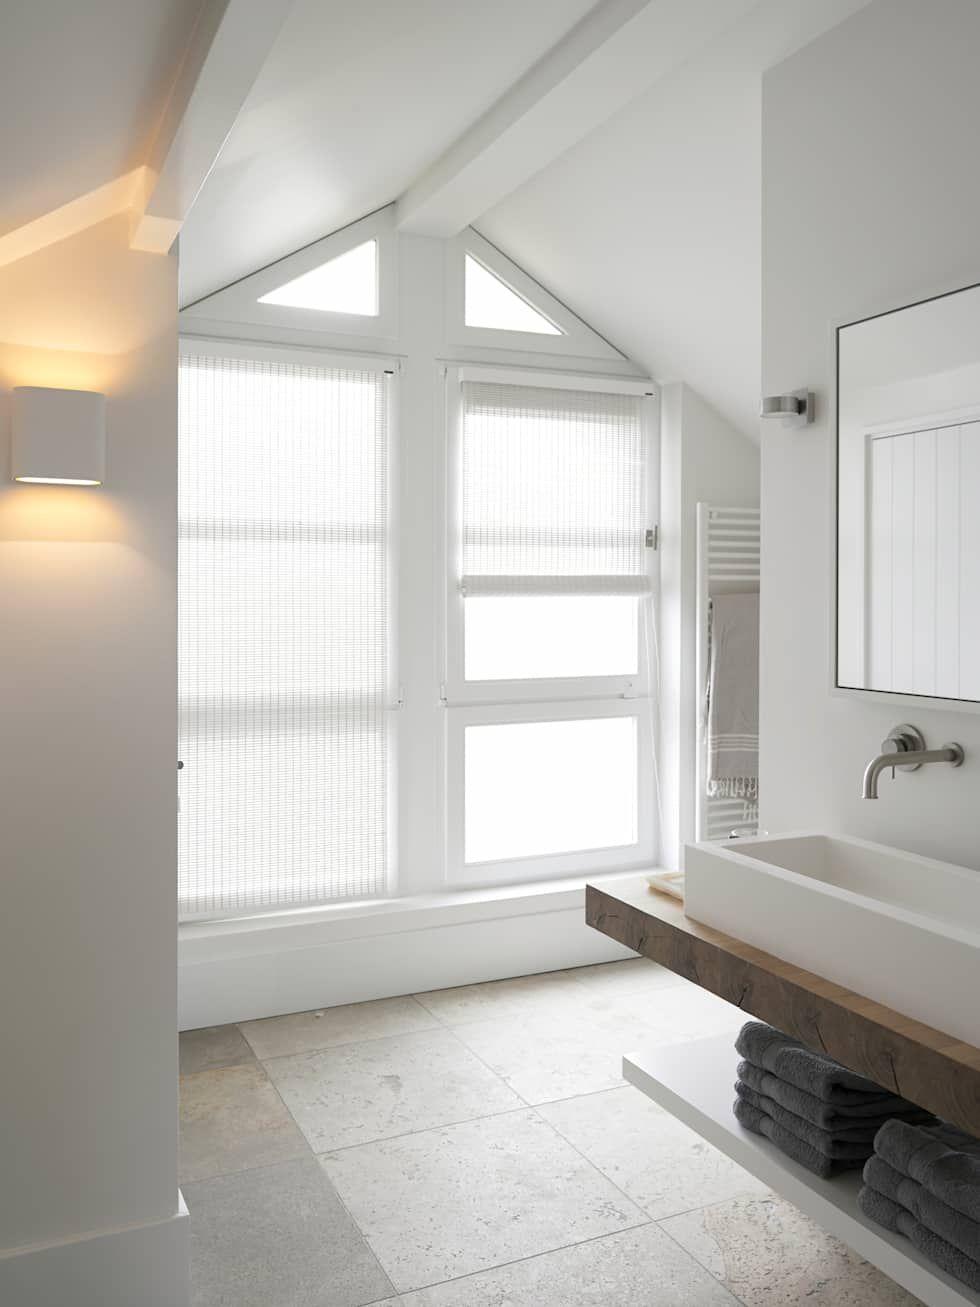 Foto\'s van een scandinavische badkamer: small living | Small living